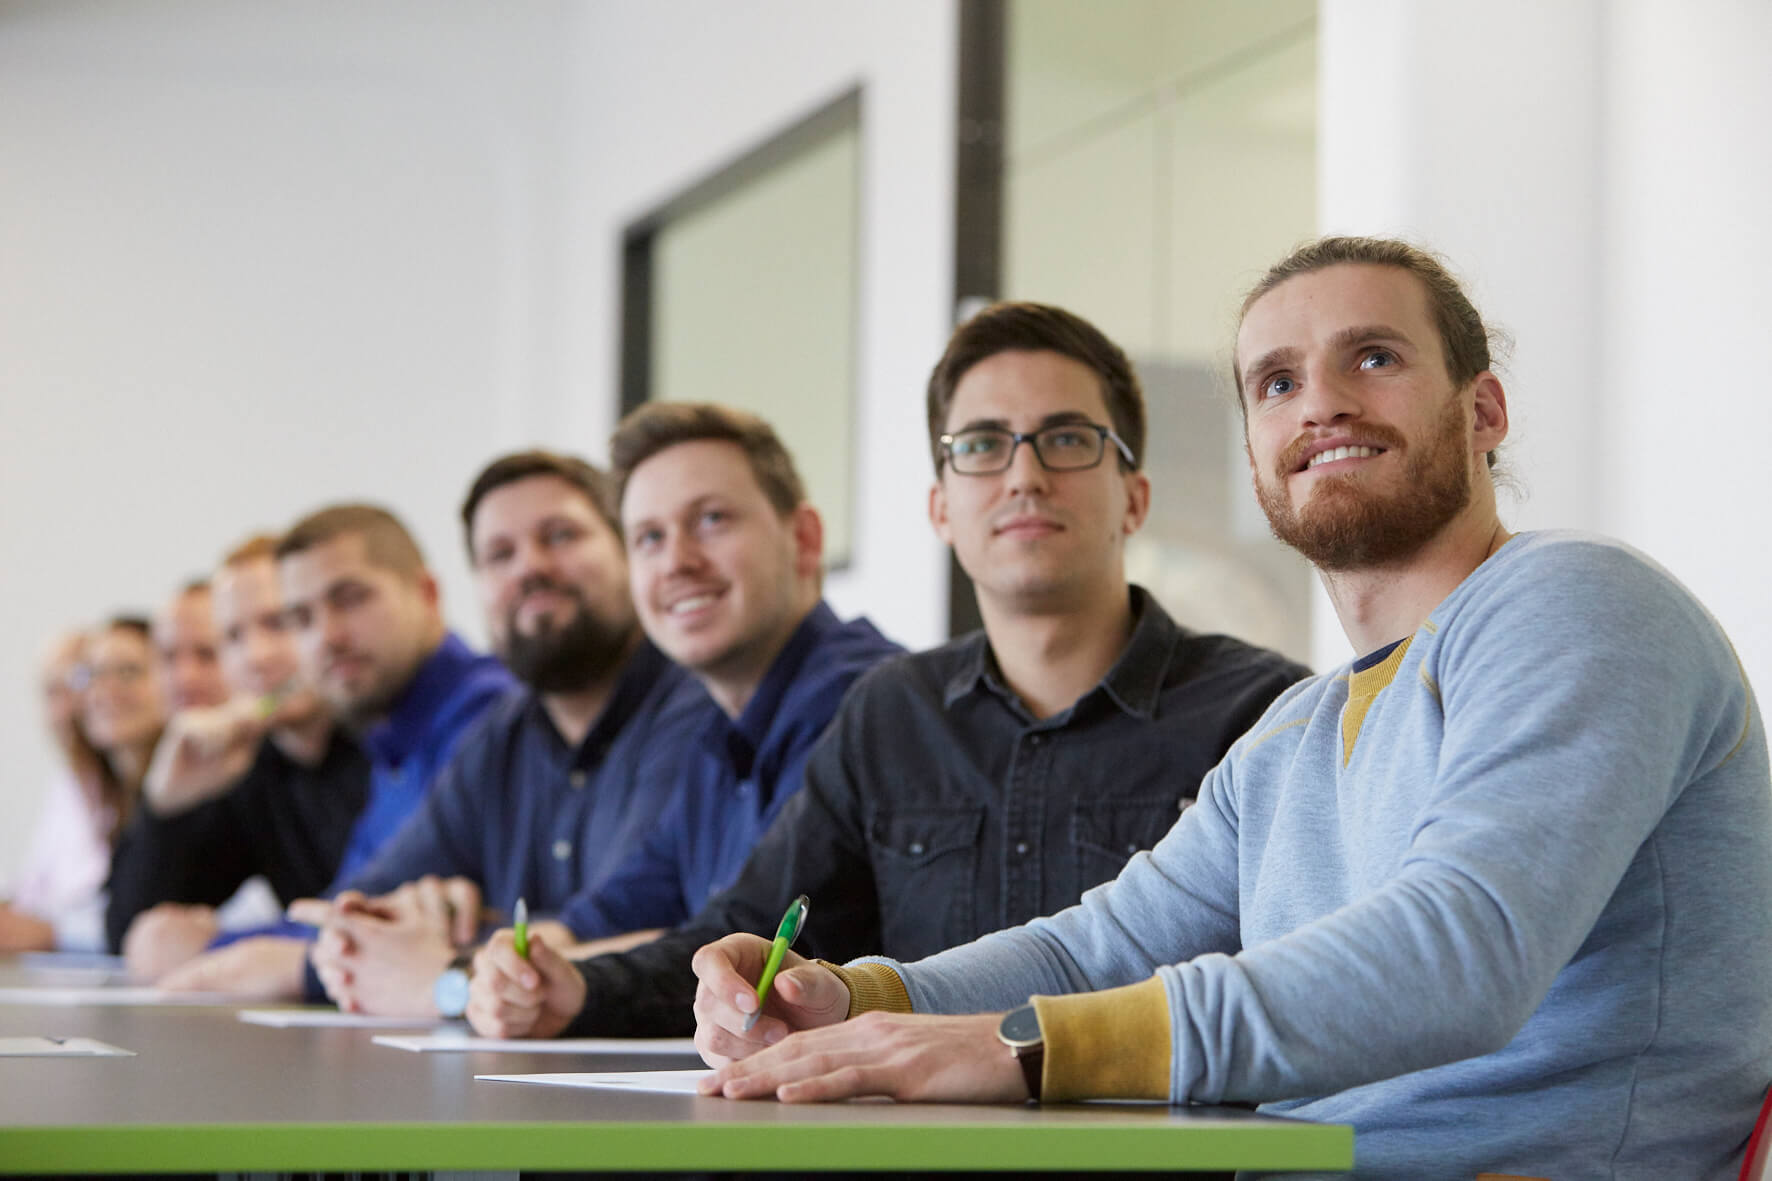 Eine Personengruppe hört einem Trainer bei einer Informationstagung zu